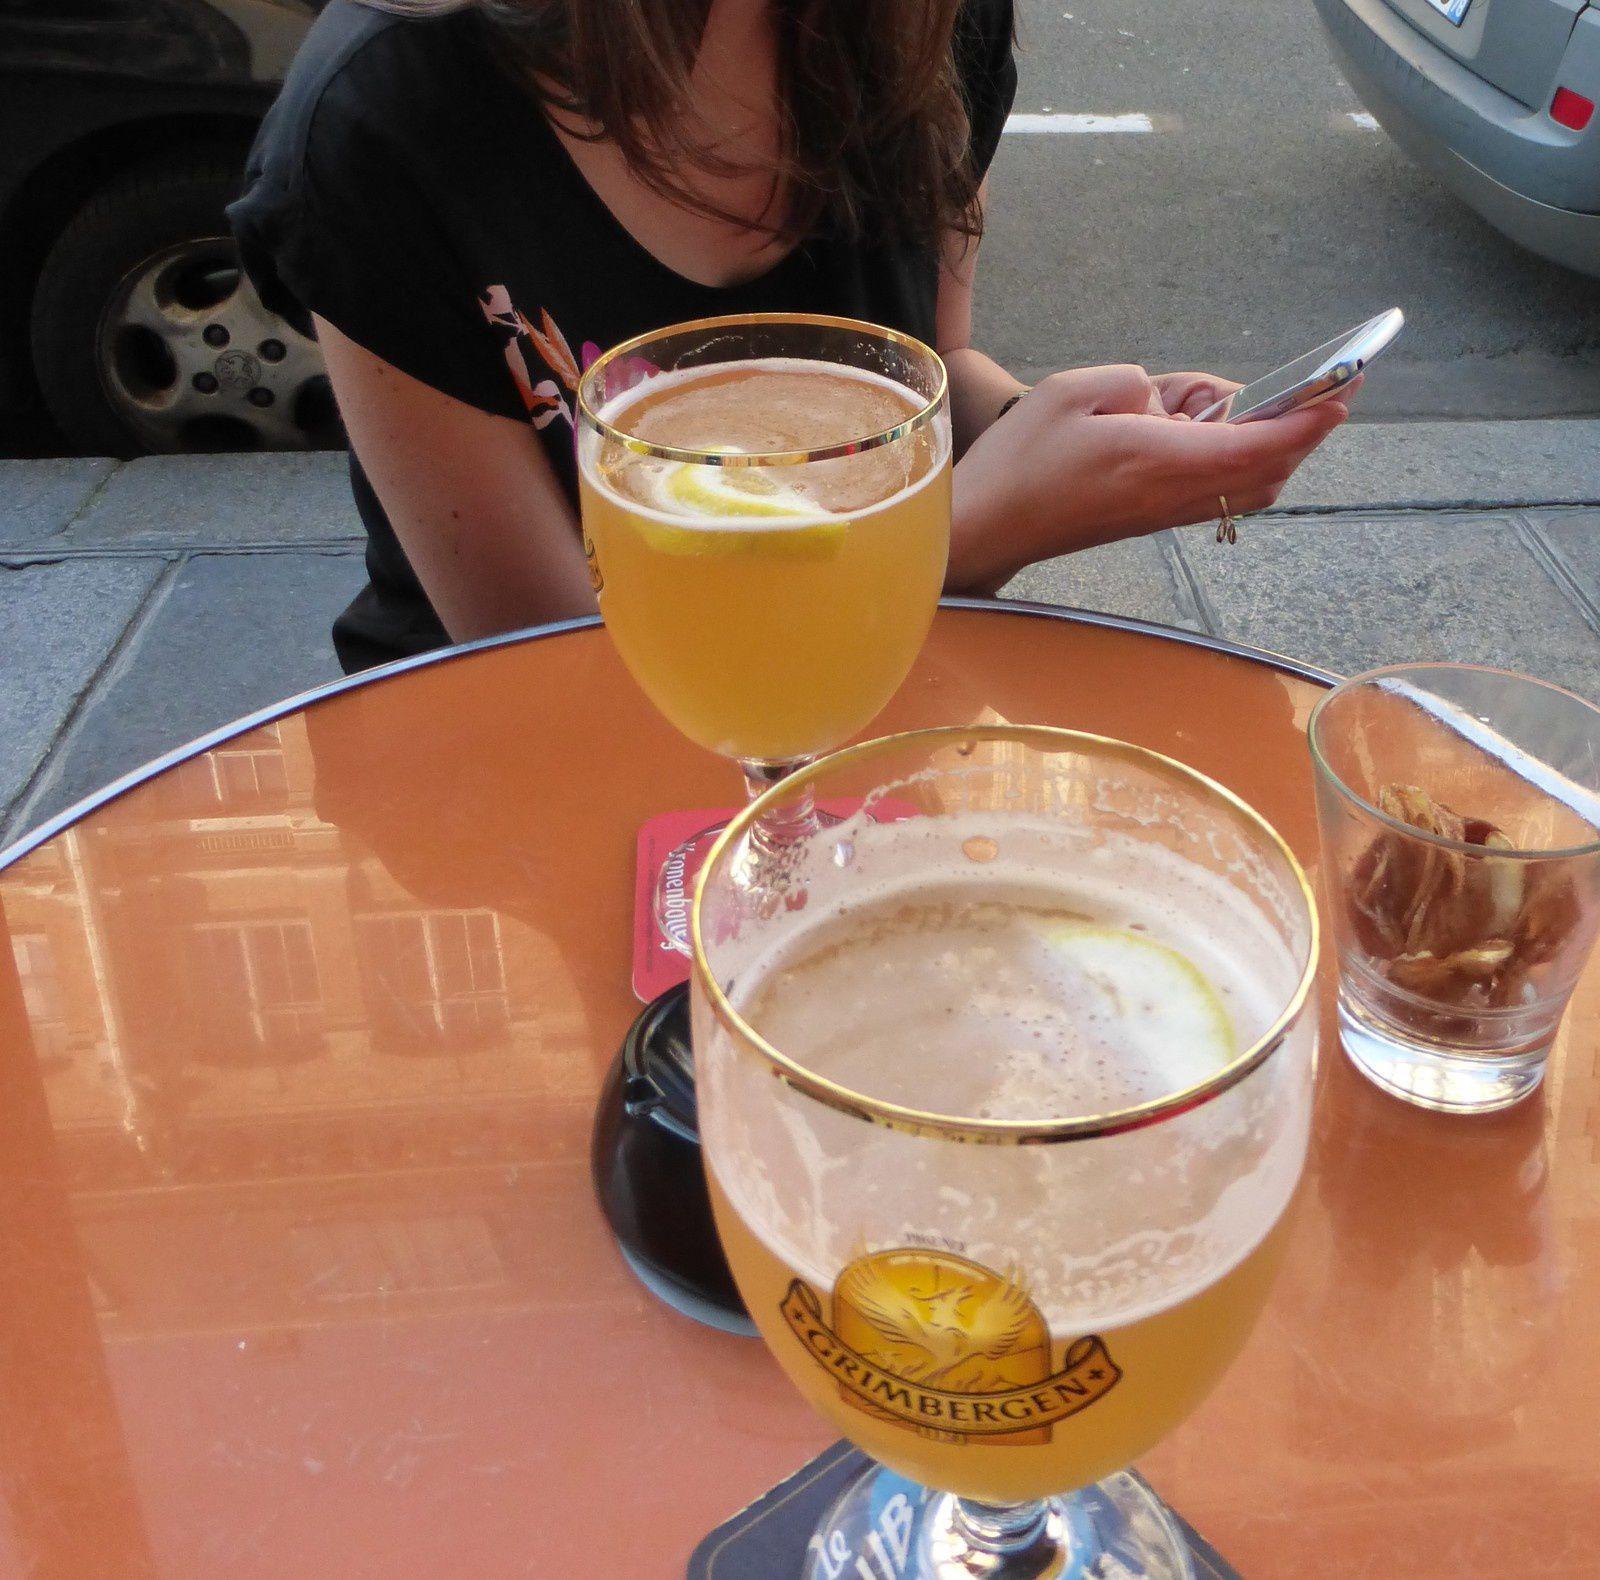 On commence par une petite bière tanquillou en terrasse!